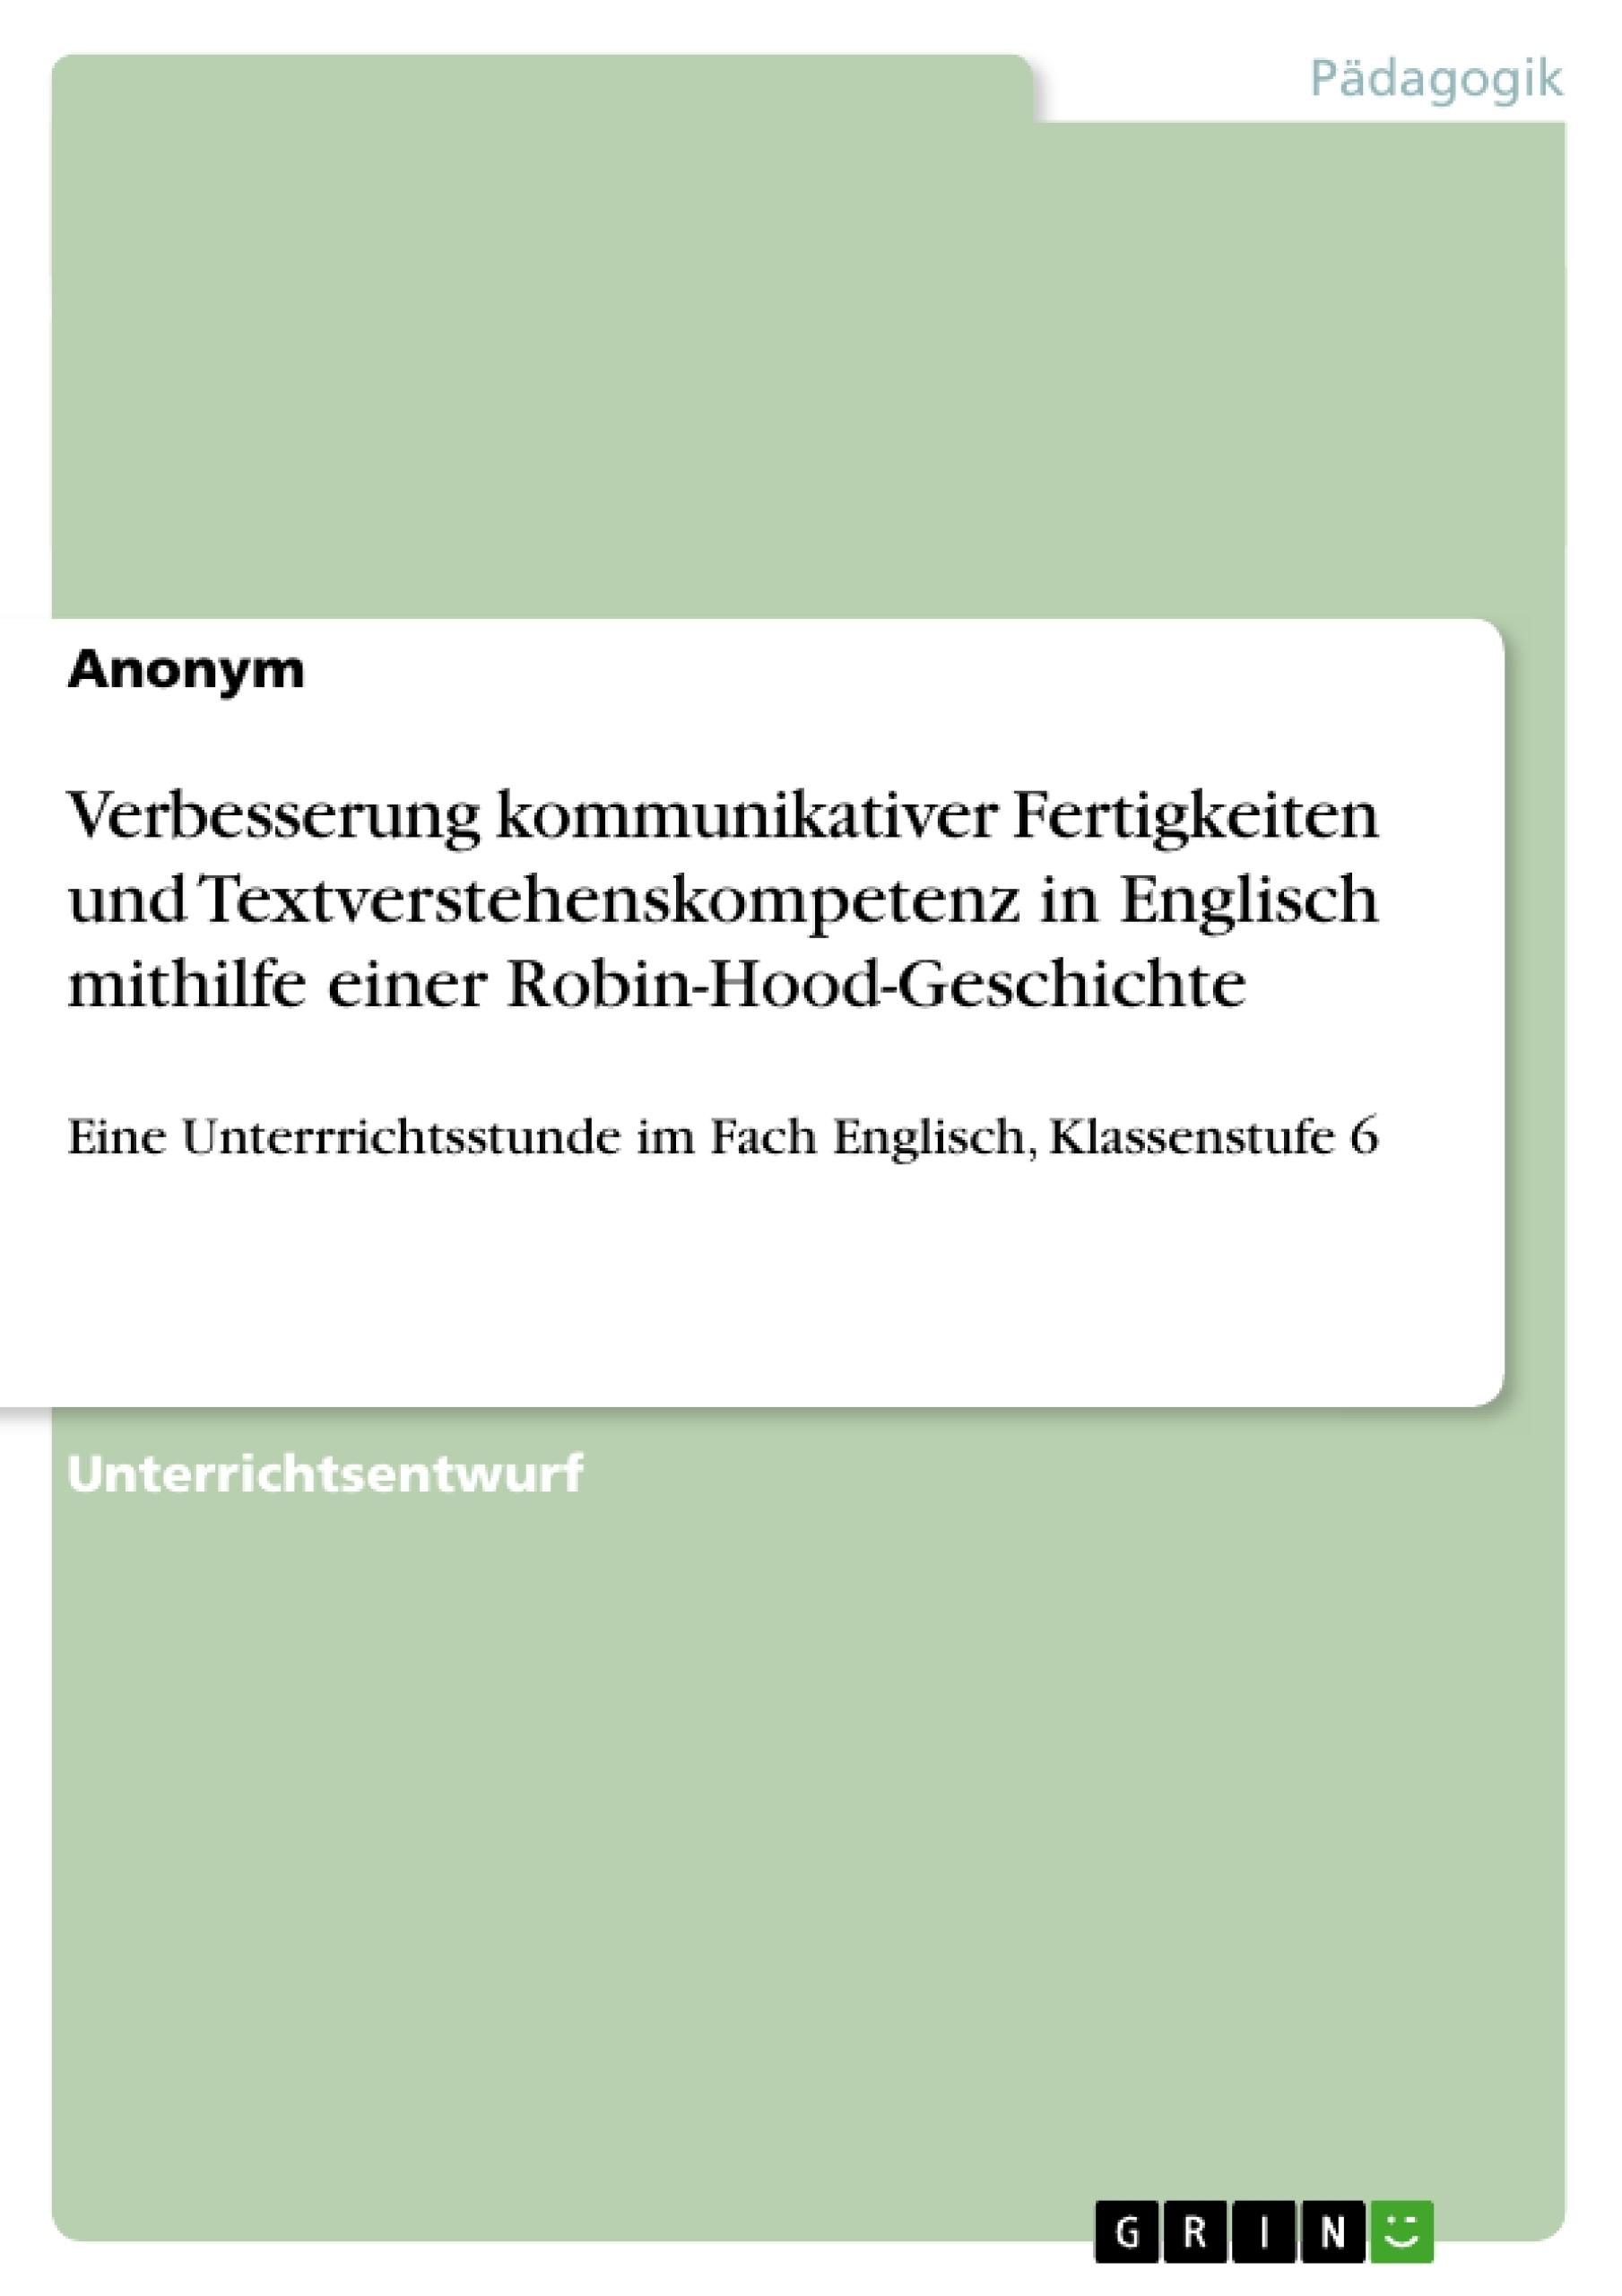 Titel: Verbesserung kommunikativer Fertigkeiten und Textverstehenskompetenz in Englisch mithilfe einer Robin-Hood-Geschichte